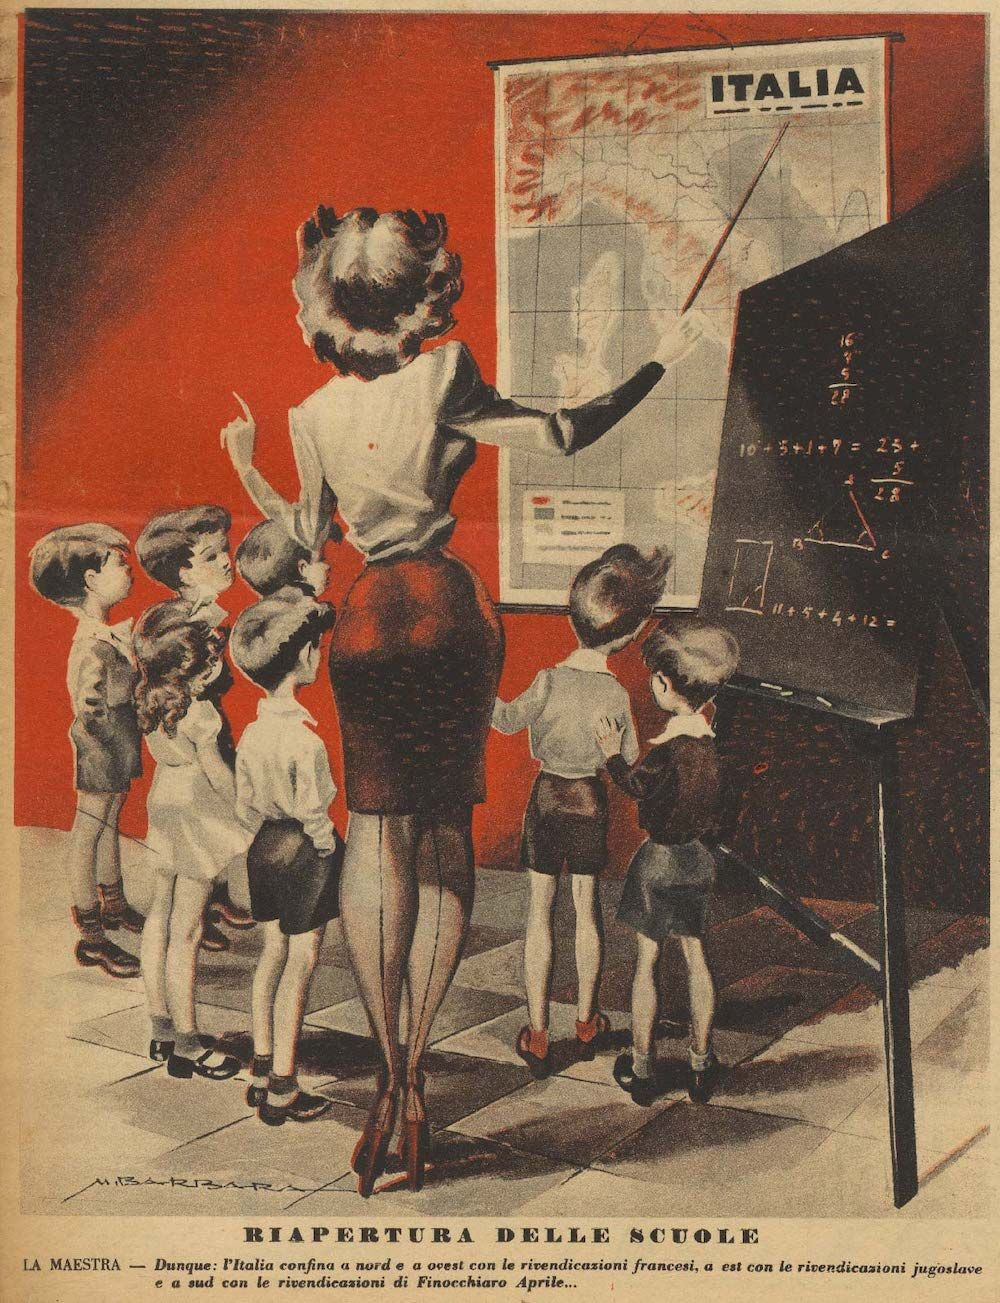 B. Mameli, illustrazione di copertina della rivista Marforio, anno 53, n. 32 (nuova serie), 4 novembre 1944.